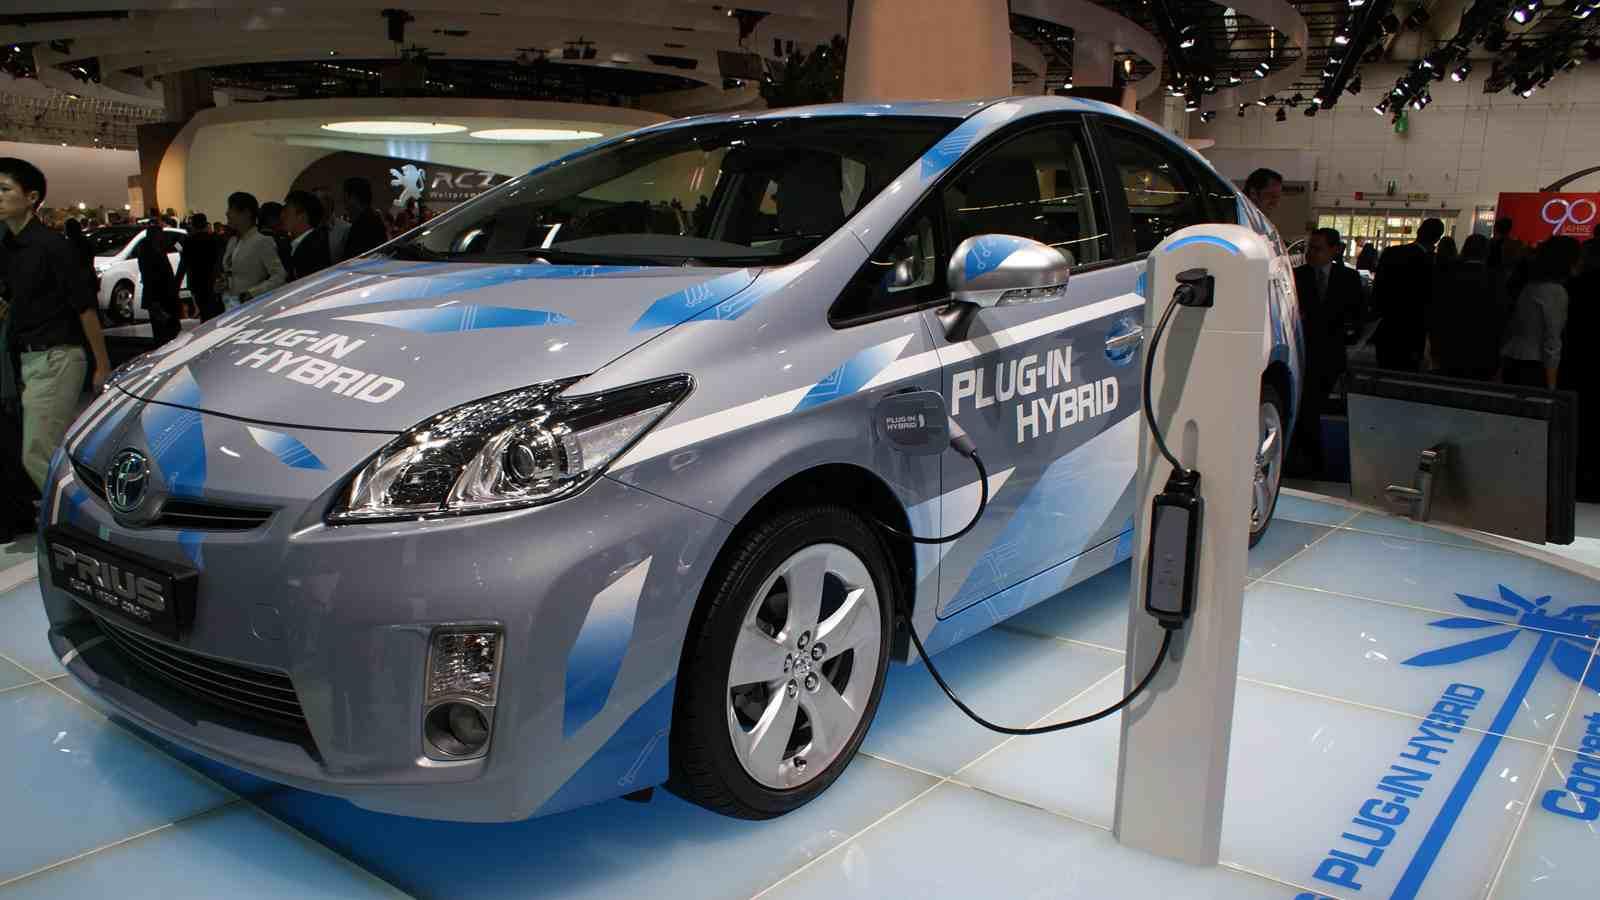 صانعات السيارات اليابانية تدخل سباق صنع السيارات الكهربية بالكامل | المربع نت